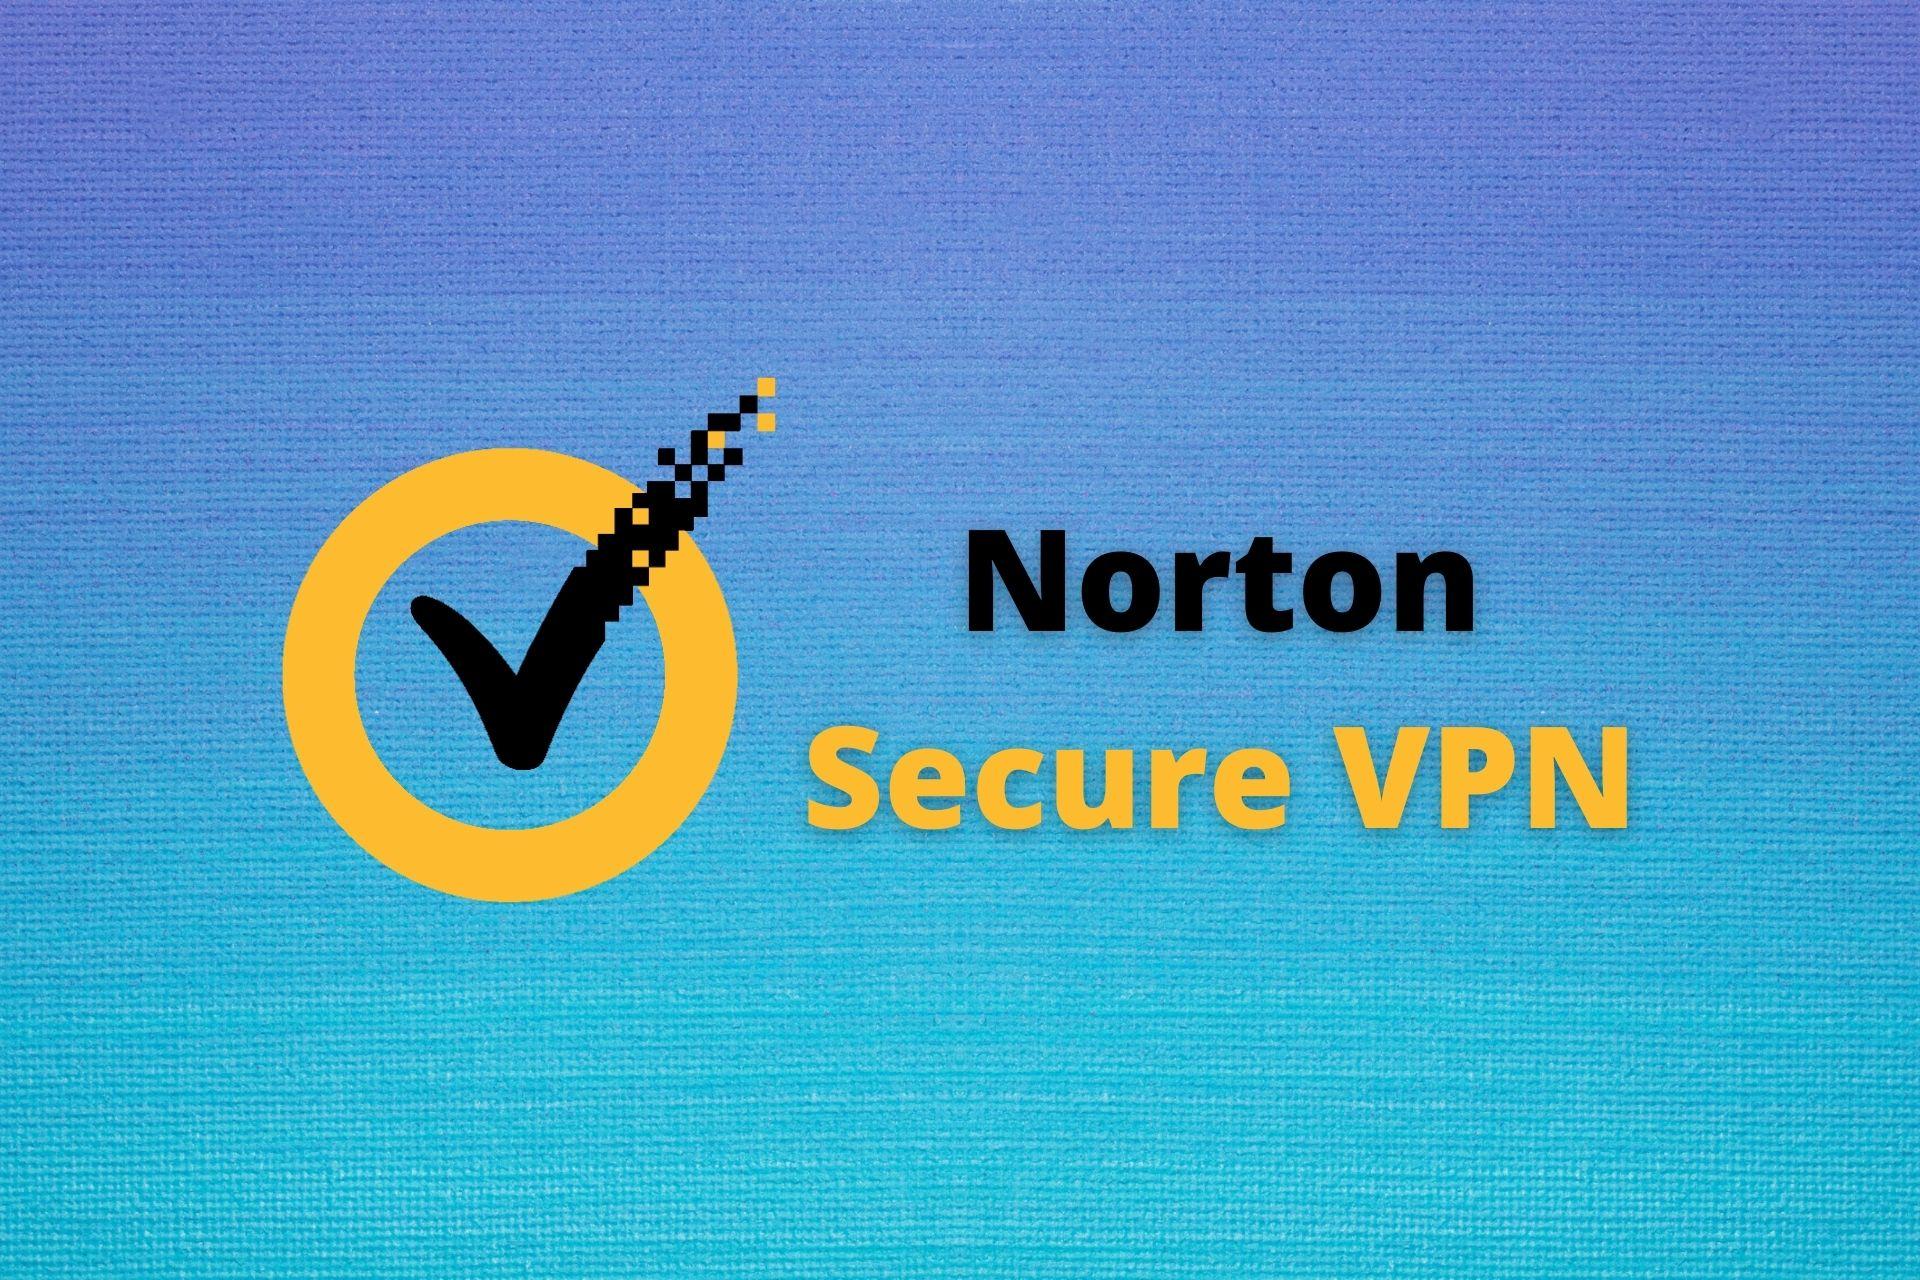 Comment utiliser le VPN Norton?